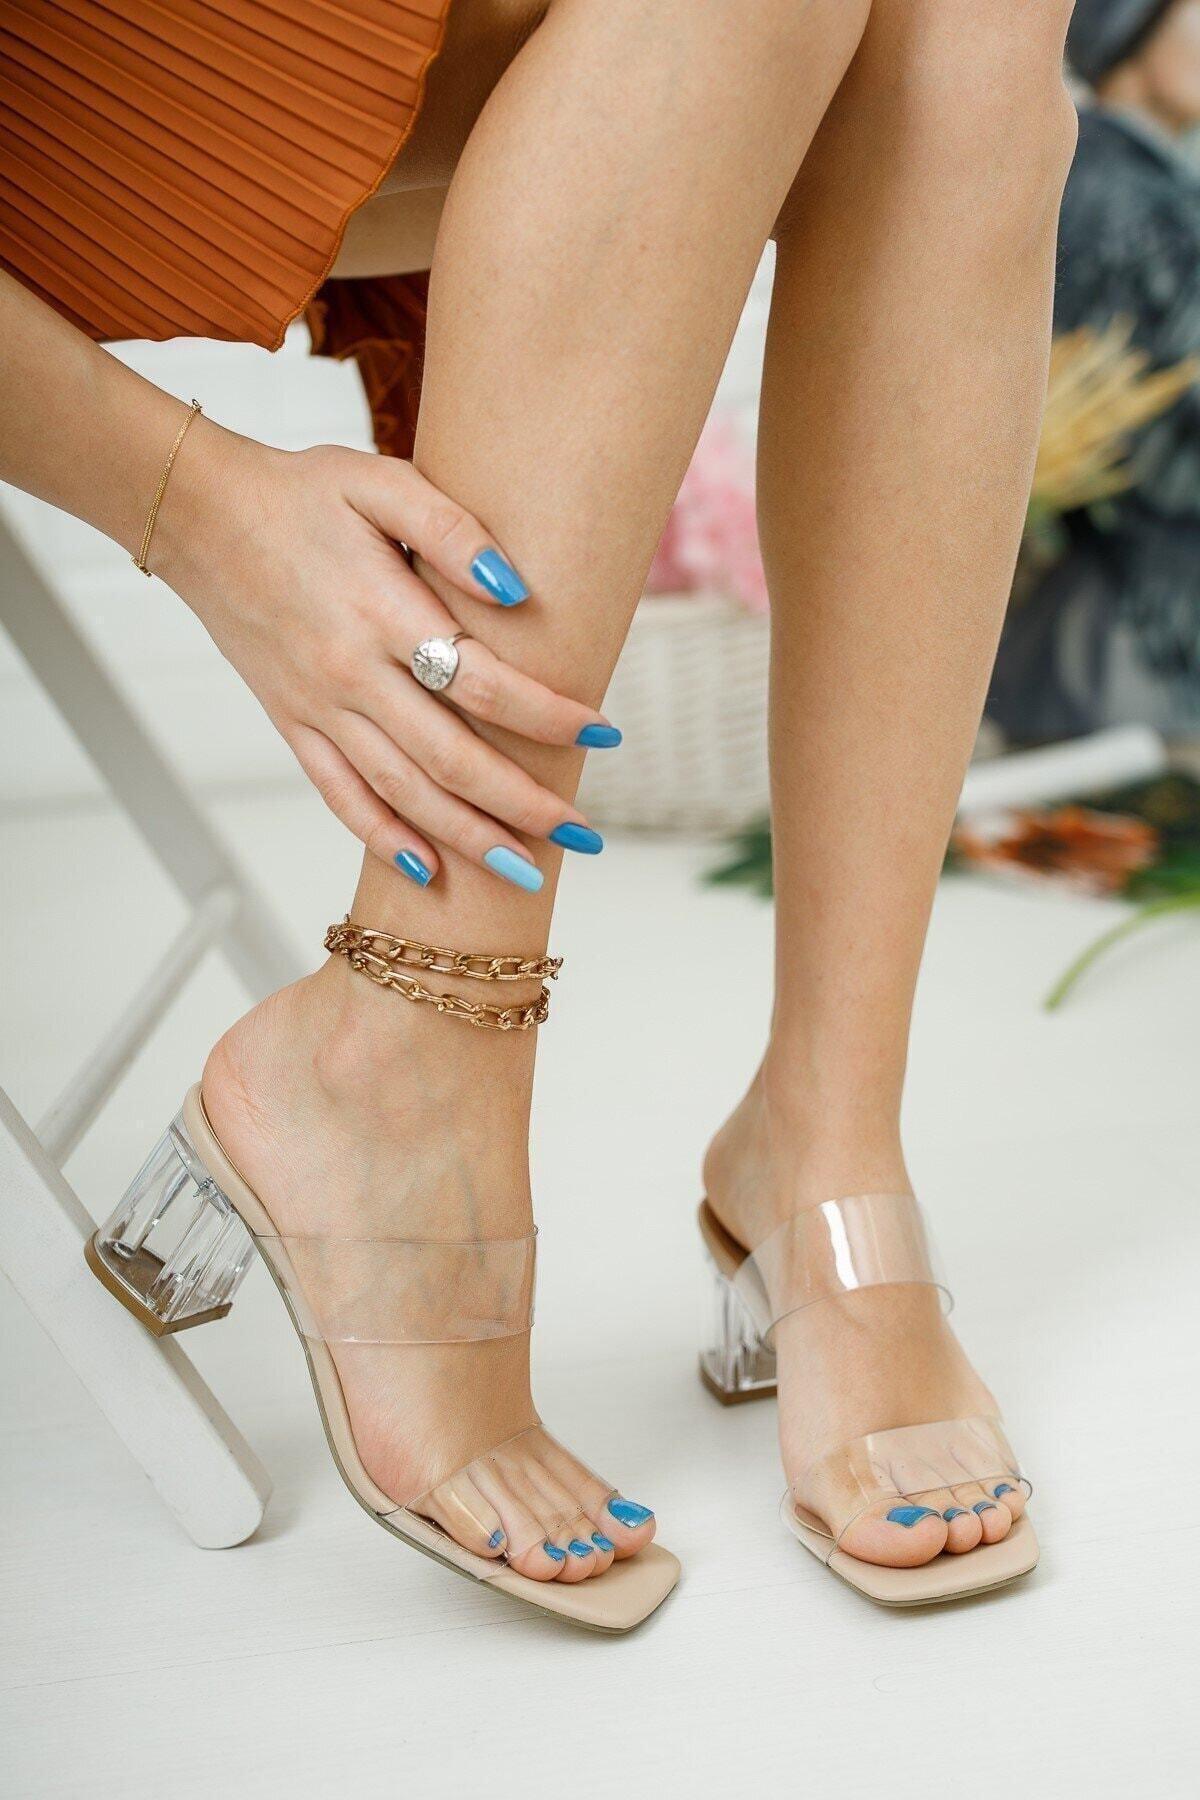 meyra'nın ayakkabıları Şeffaf Bant Ve Topuk Detay Topuklu Ayakkabı 2